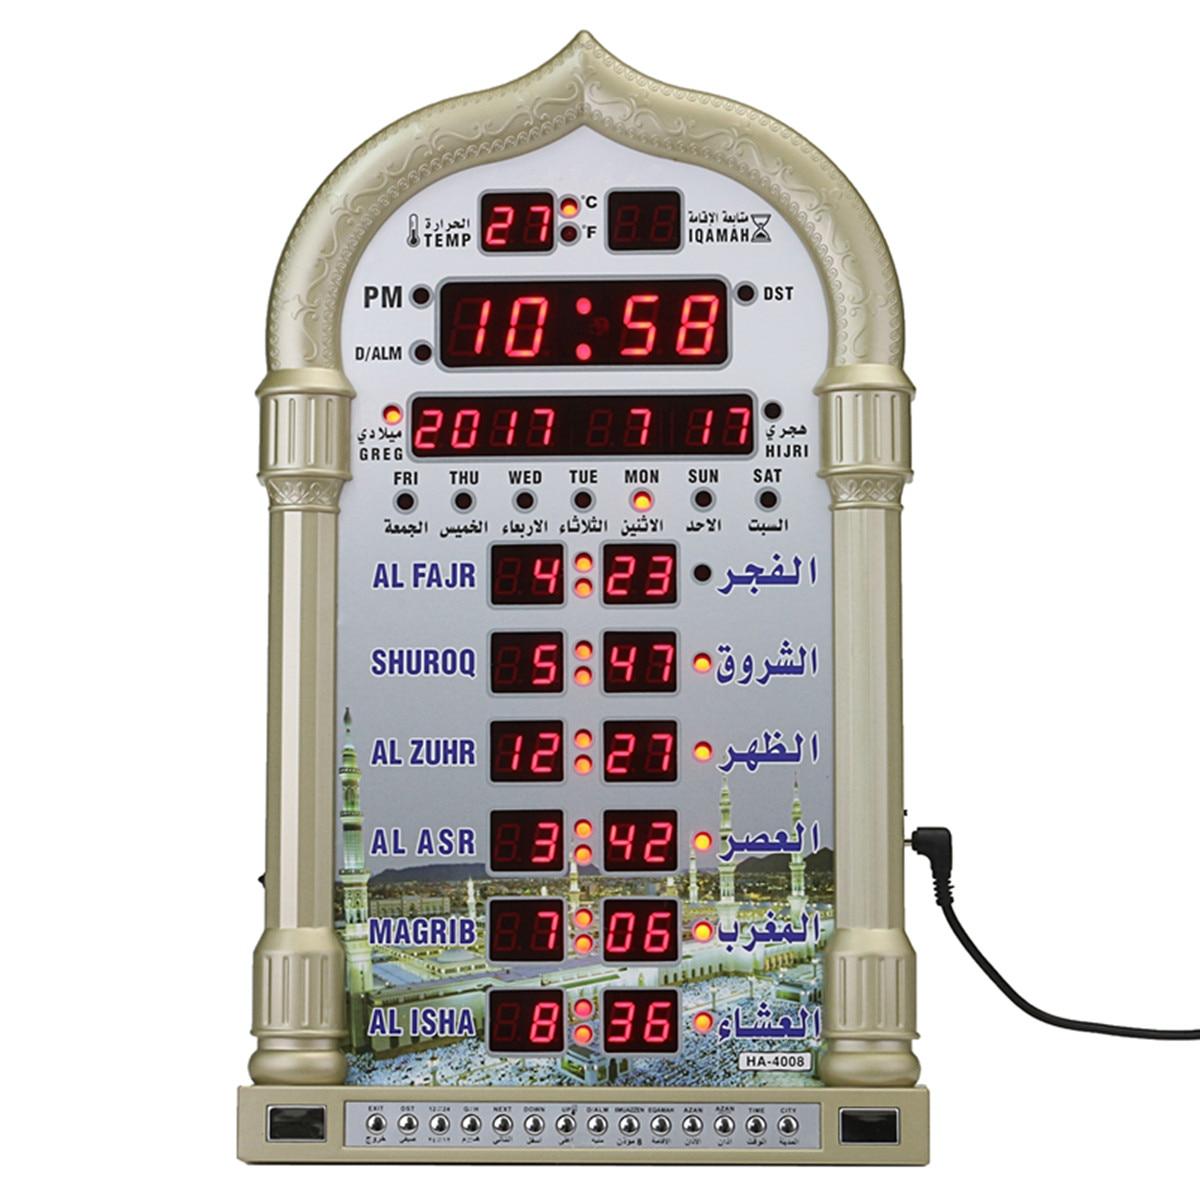 Reloj de oración para mezquita Azan, reloj de pared con calendario islámico, mezquita Azan, oración musulmana, Alarma para decoración del hogar de Ramadán + mando a distancia